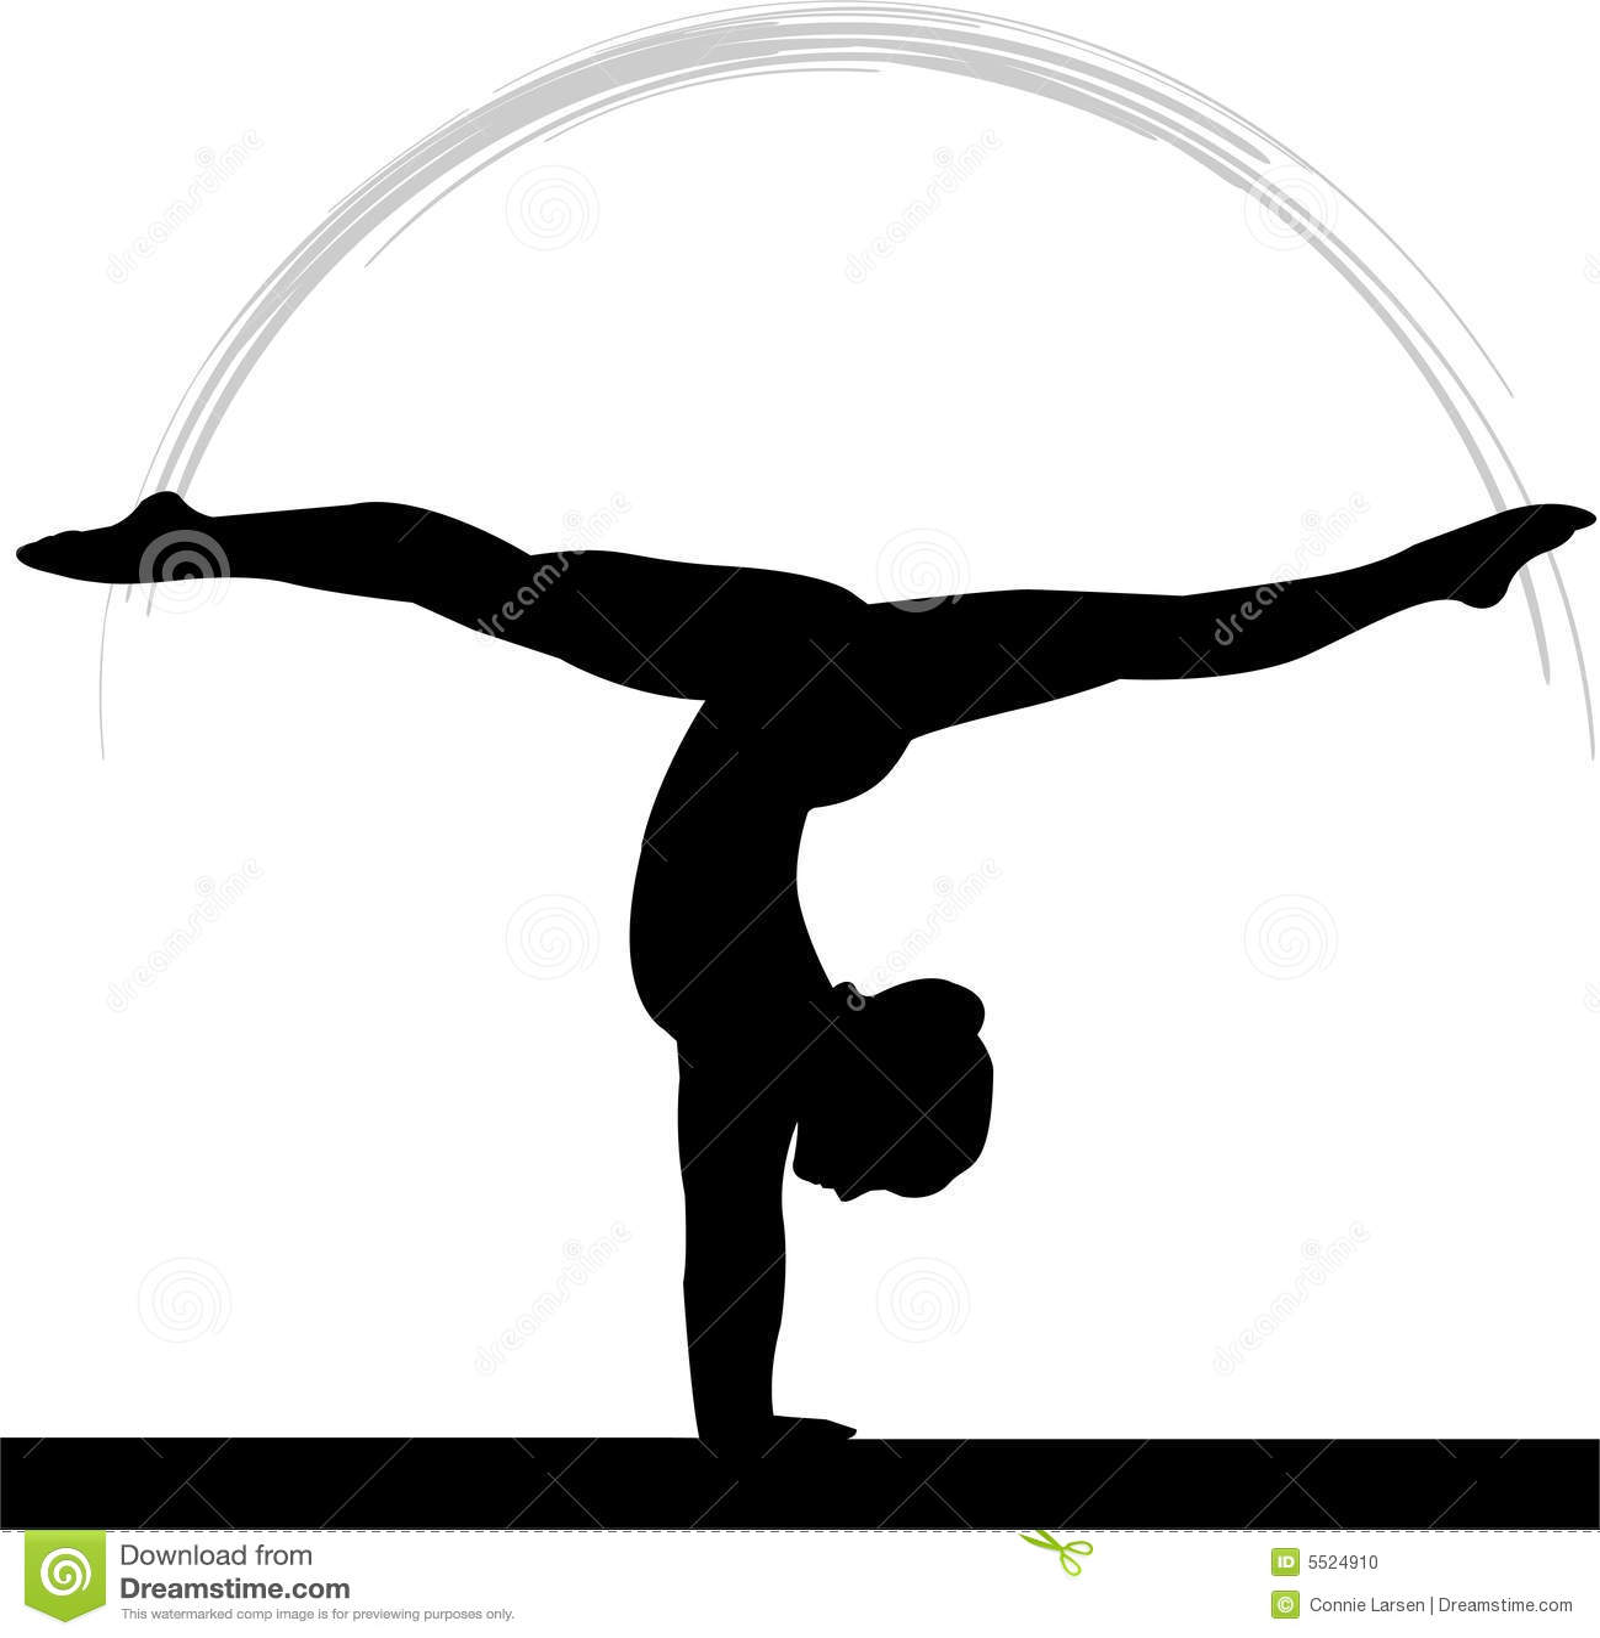 świateł równowagi jest gimnastyk kobiety.